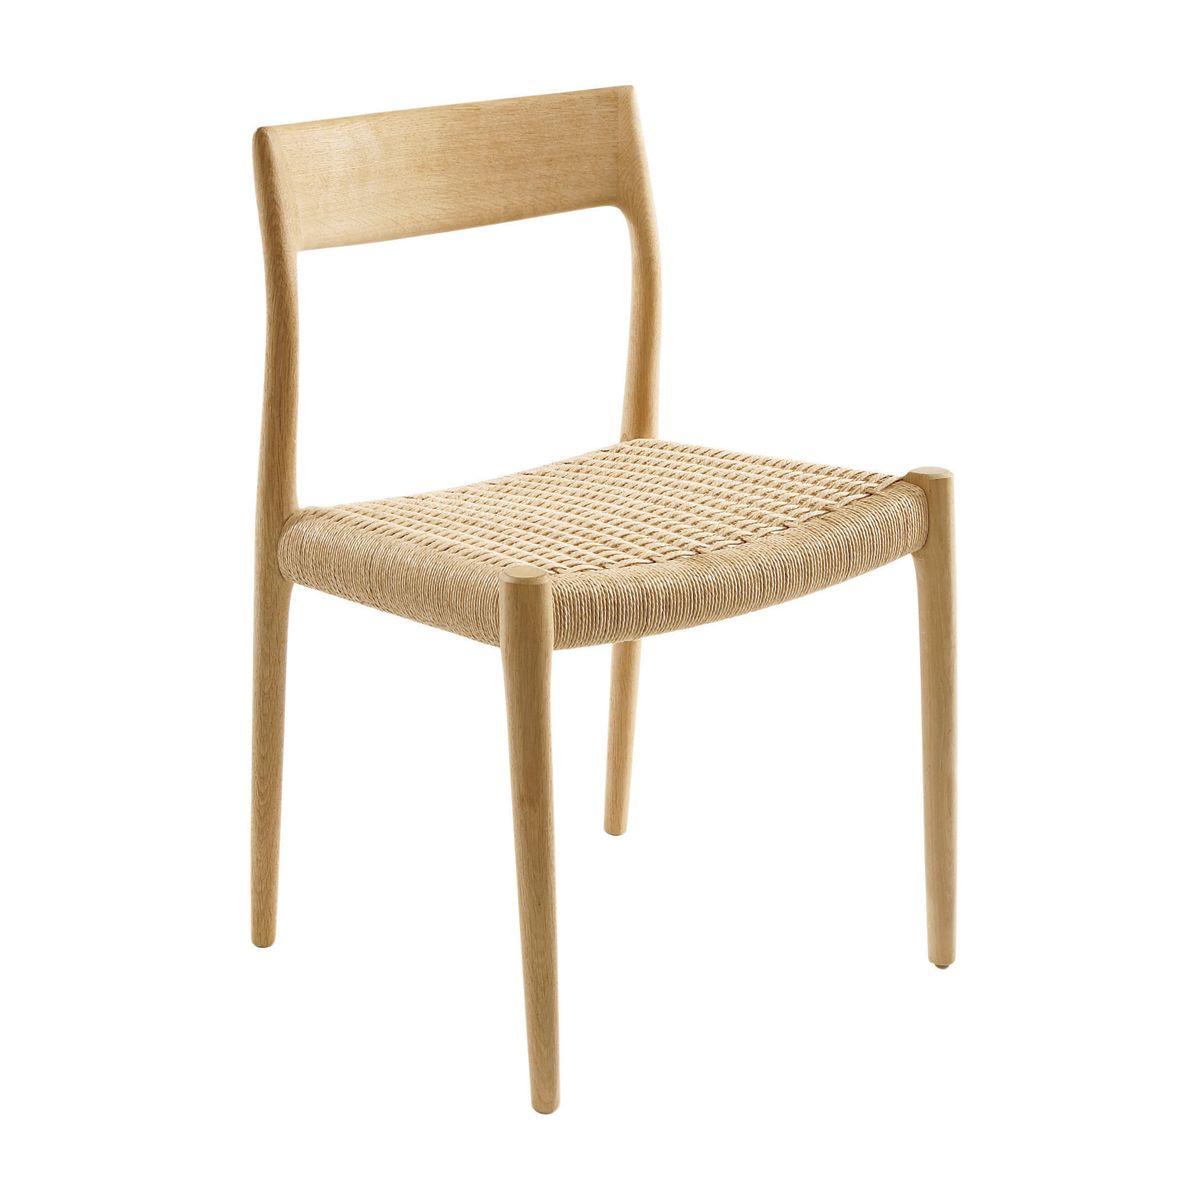 N.O Moller   Chair #77